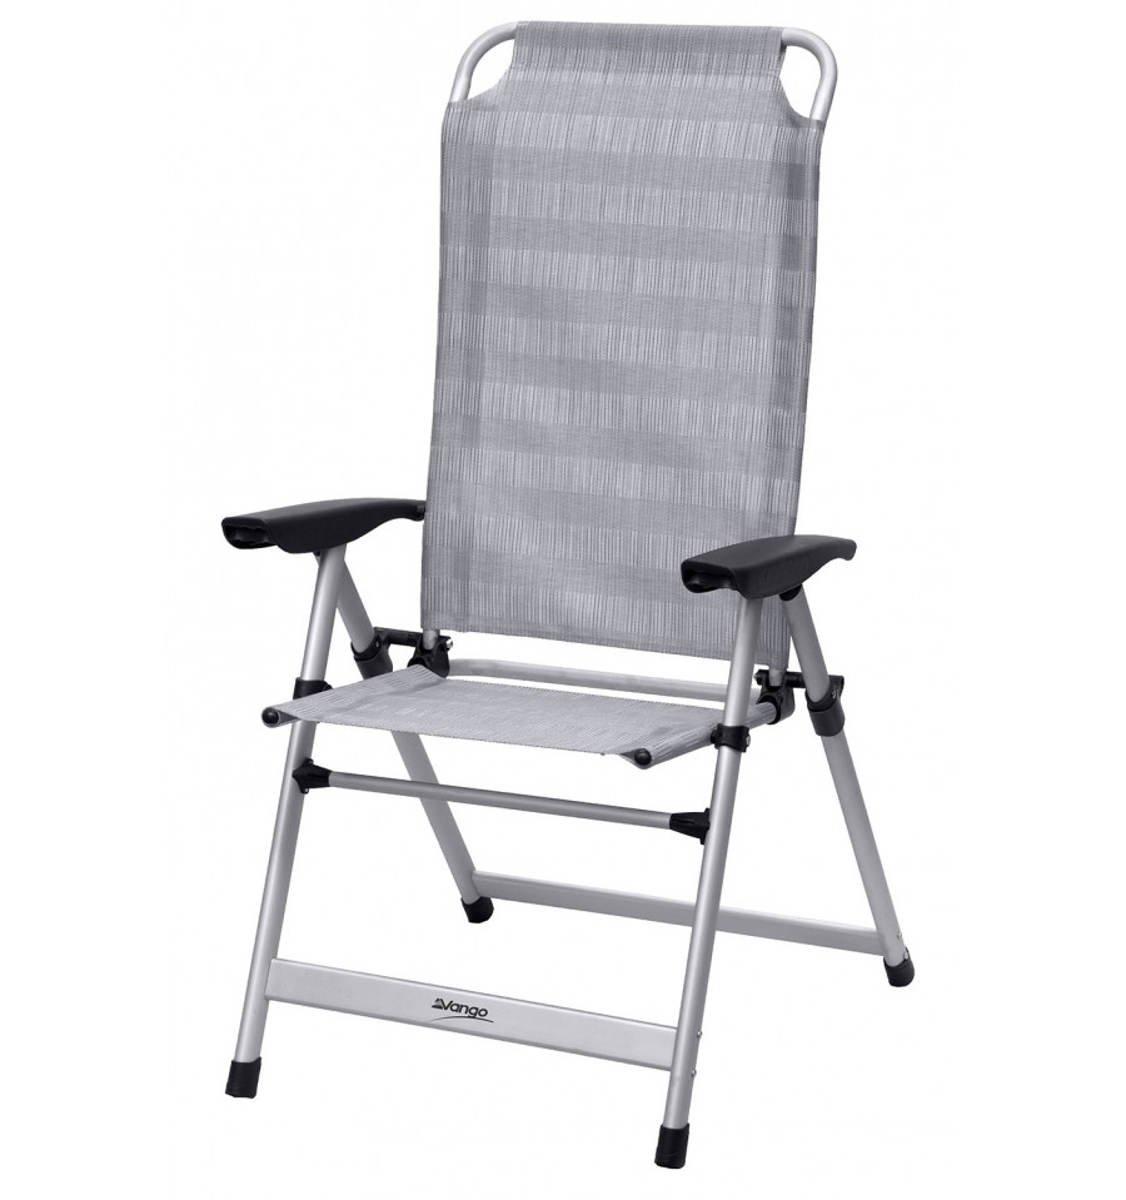 Vango Windsor hoch Stuhl aus Aluminium Aluminium